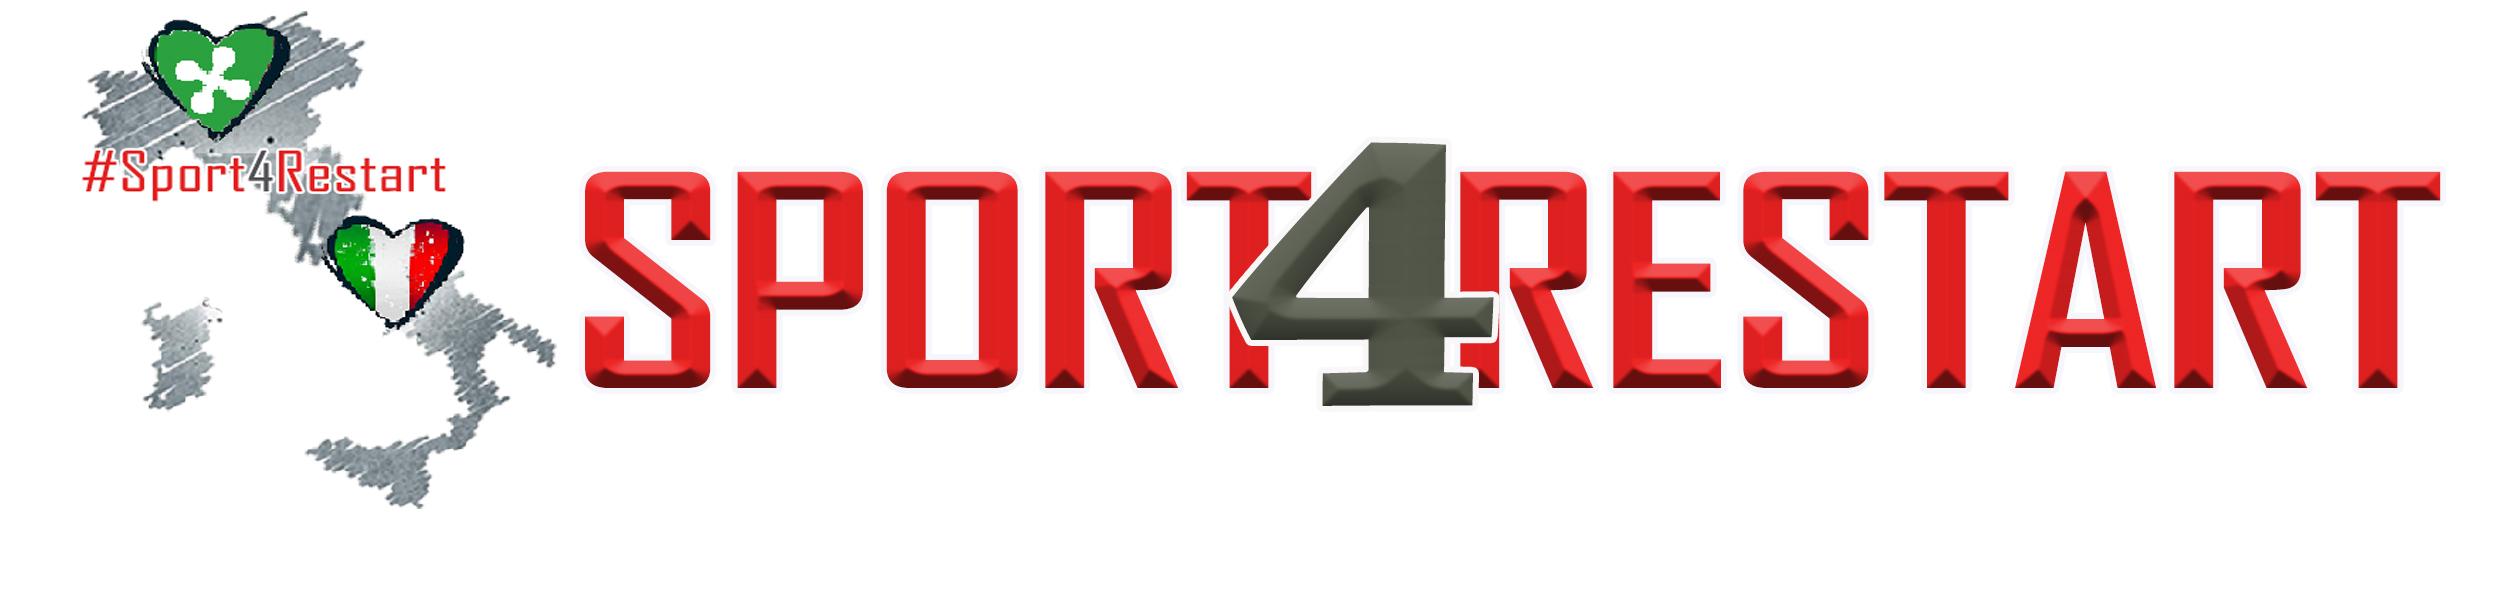 SPORT4RESTART